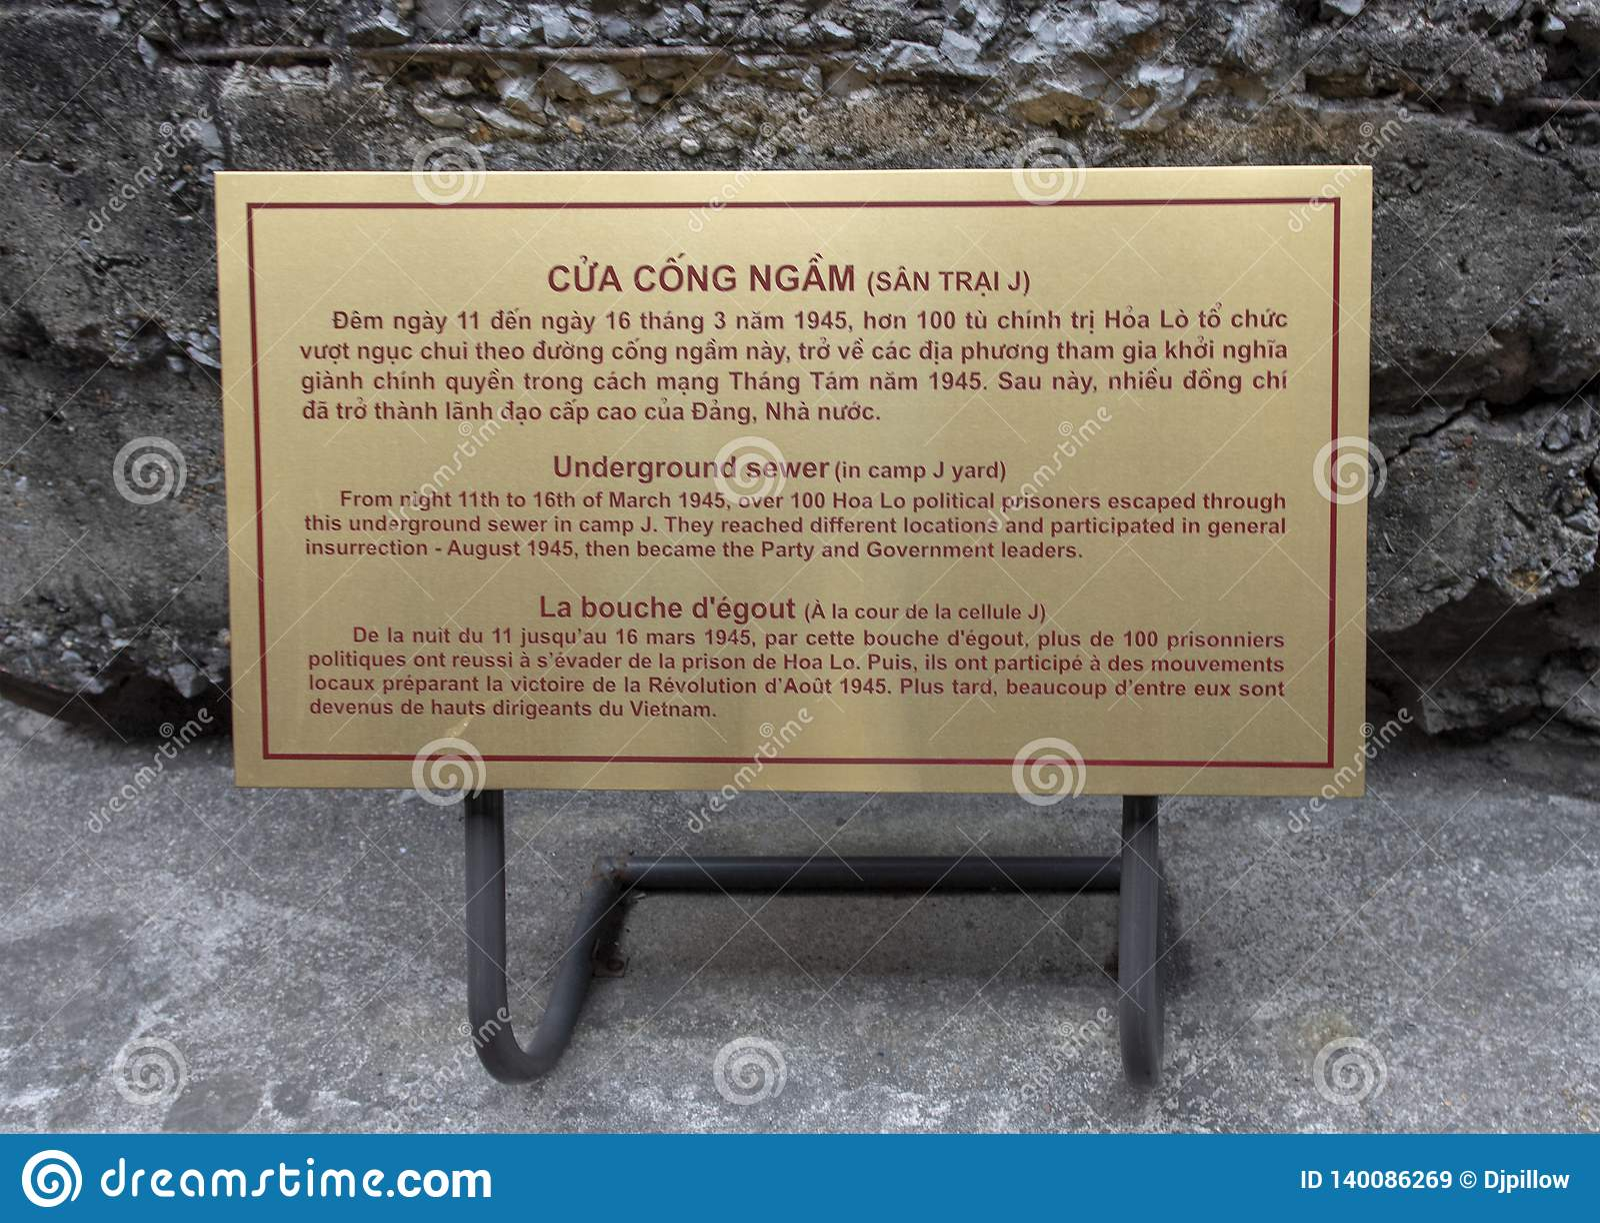 Металлическая пластинка информации для подземного маршрута побега сточной трубы на дисплее в тюрьме Hao Lo, Ханое, Вьетнаме